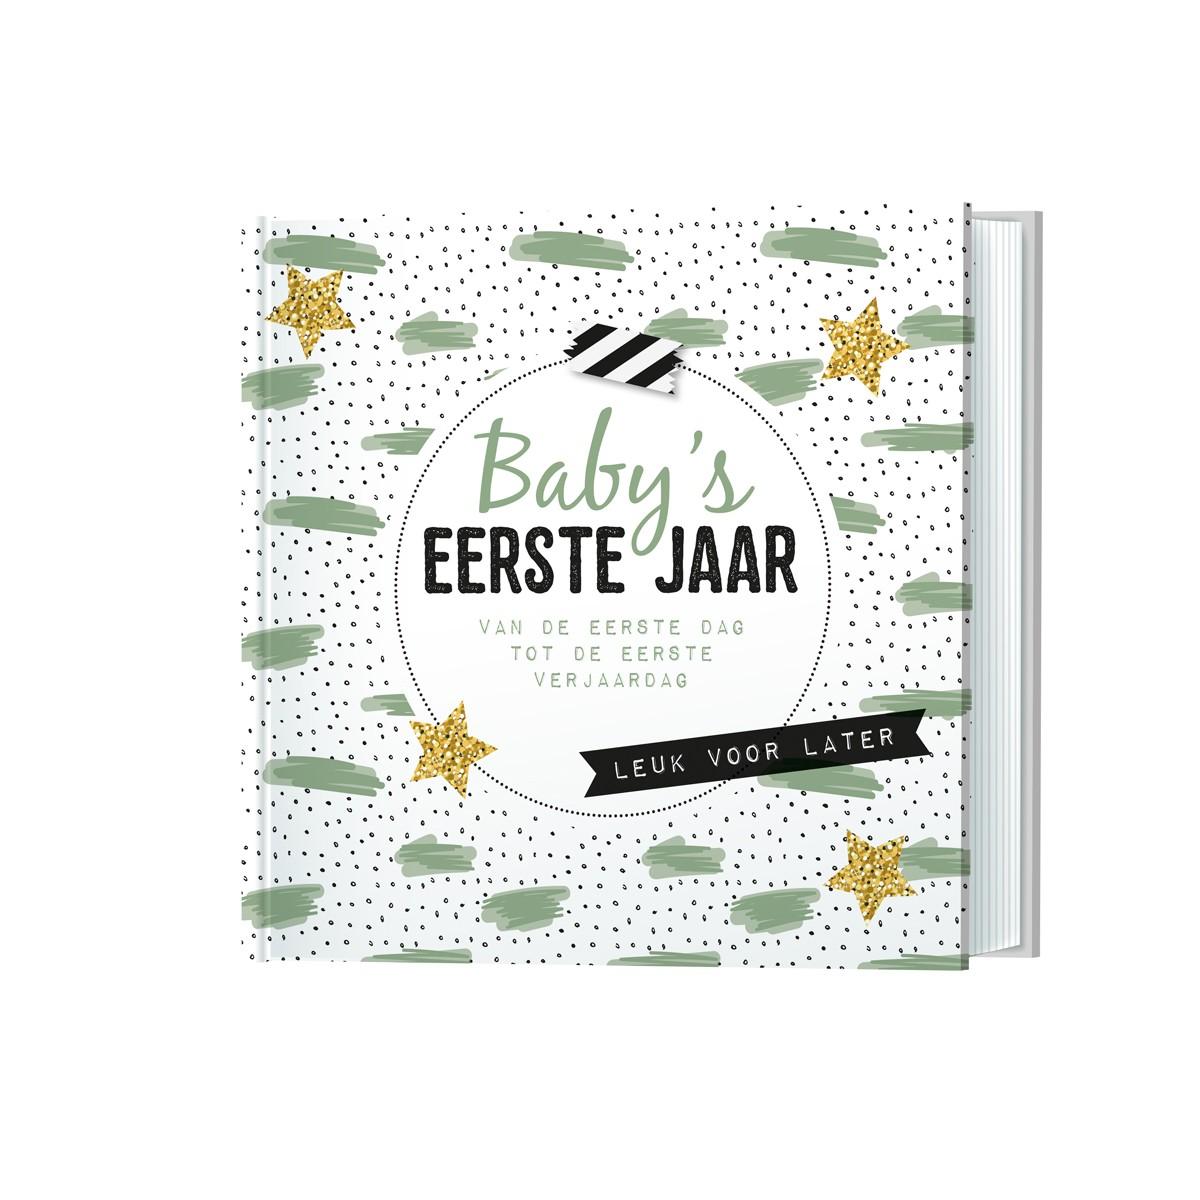 Image of Baby's Eerste Jaar | Esther Kerkhoff 33913